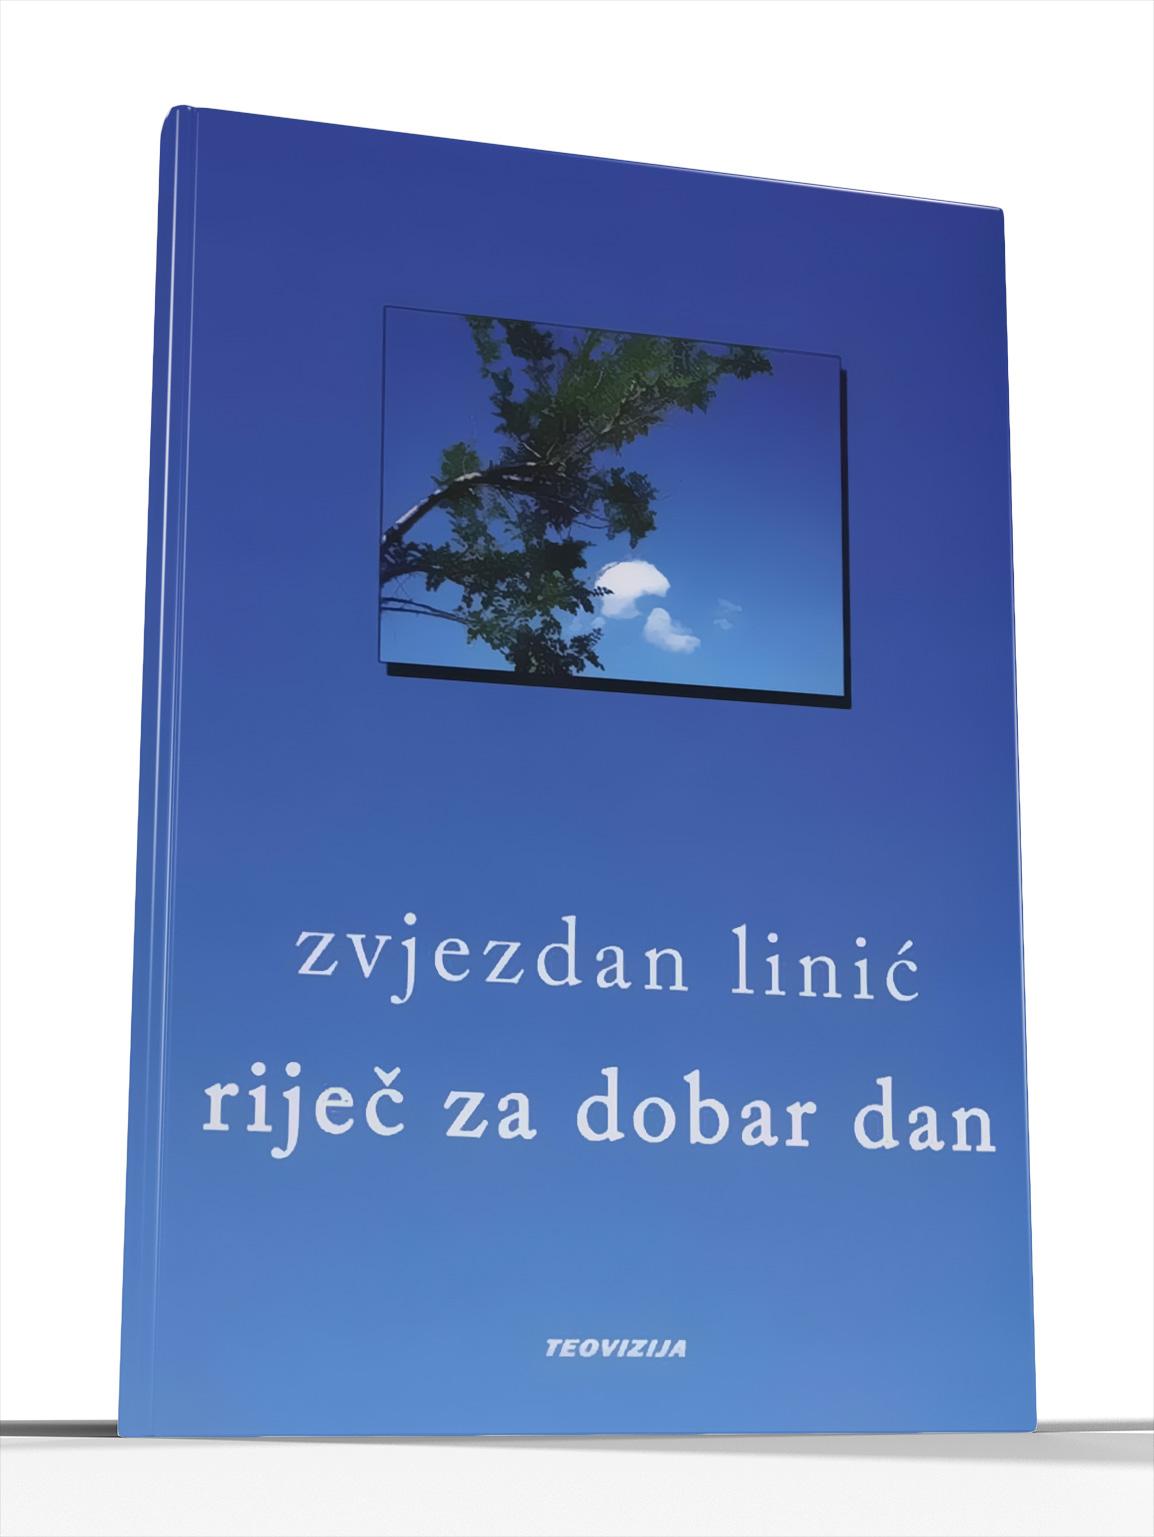 RIJEČ ZA DOBAR DAN - fra Zvjezdan Linić